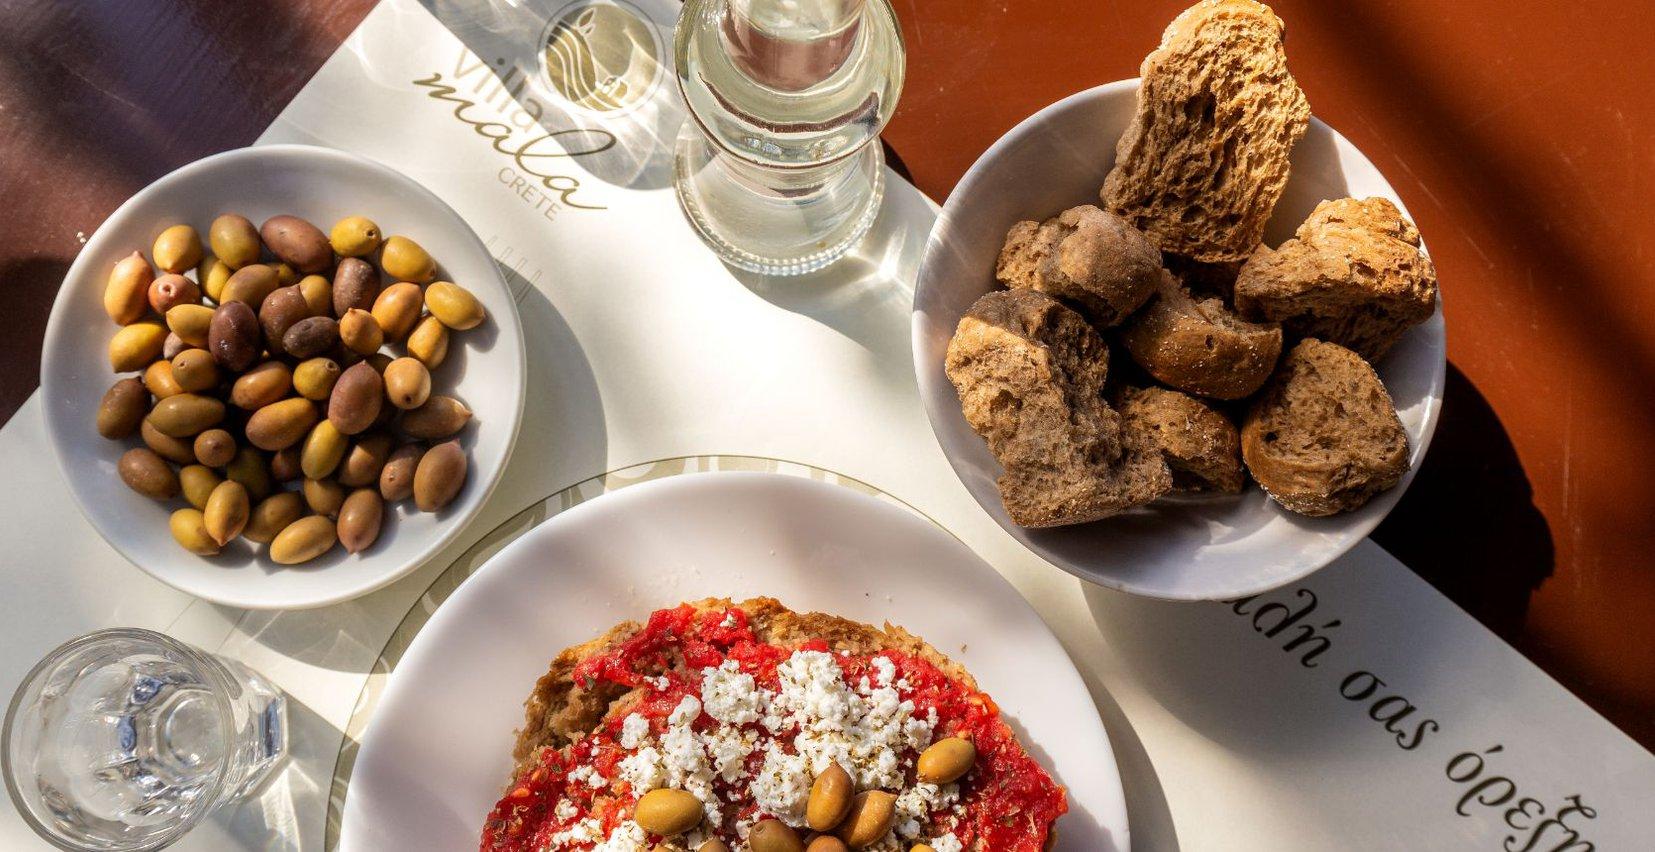 Πεντανόστιμος παραδοσιακός κρητικός ντάκος, ελιές και ψωμί από το Mala Villa